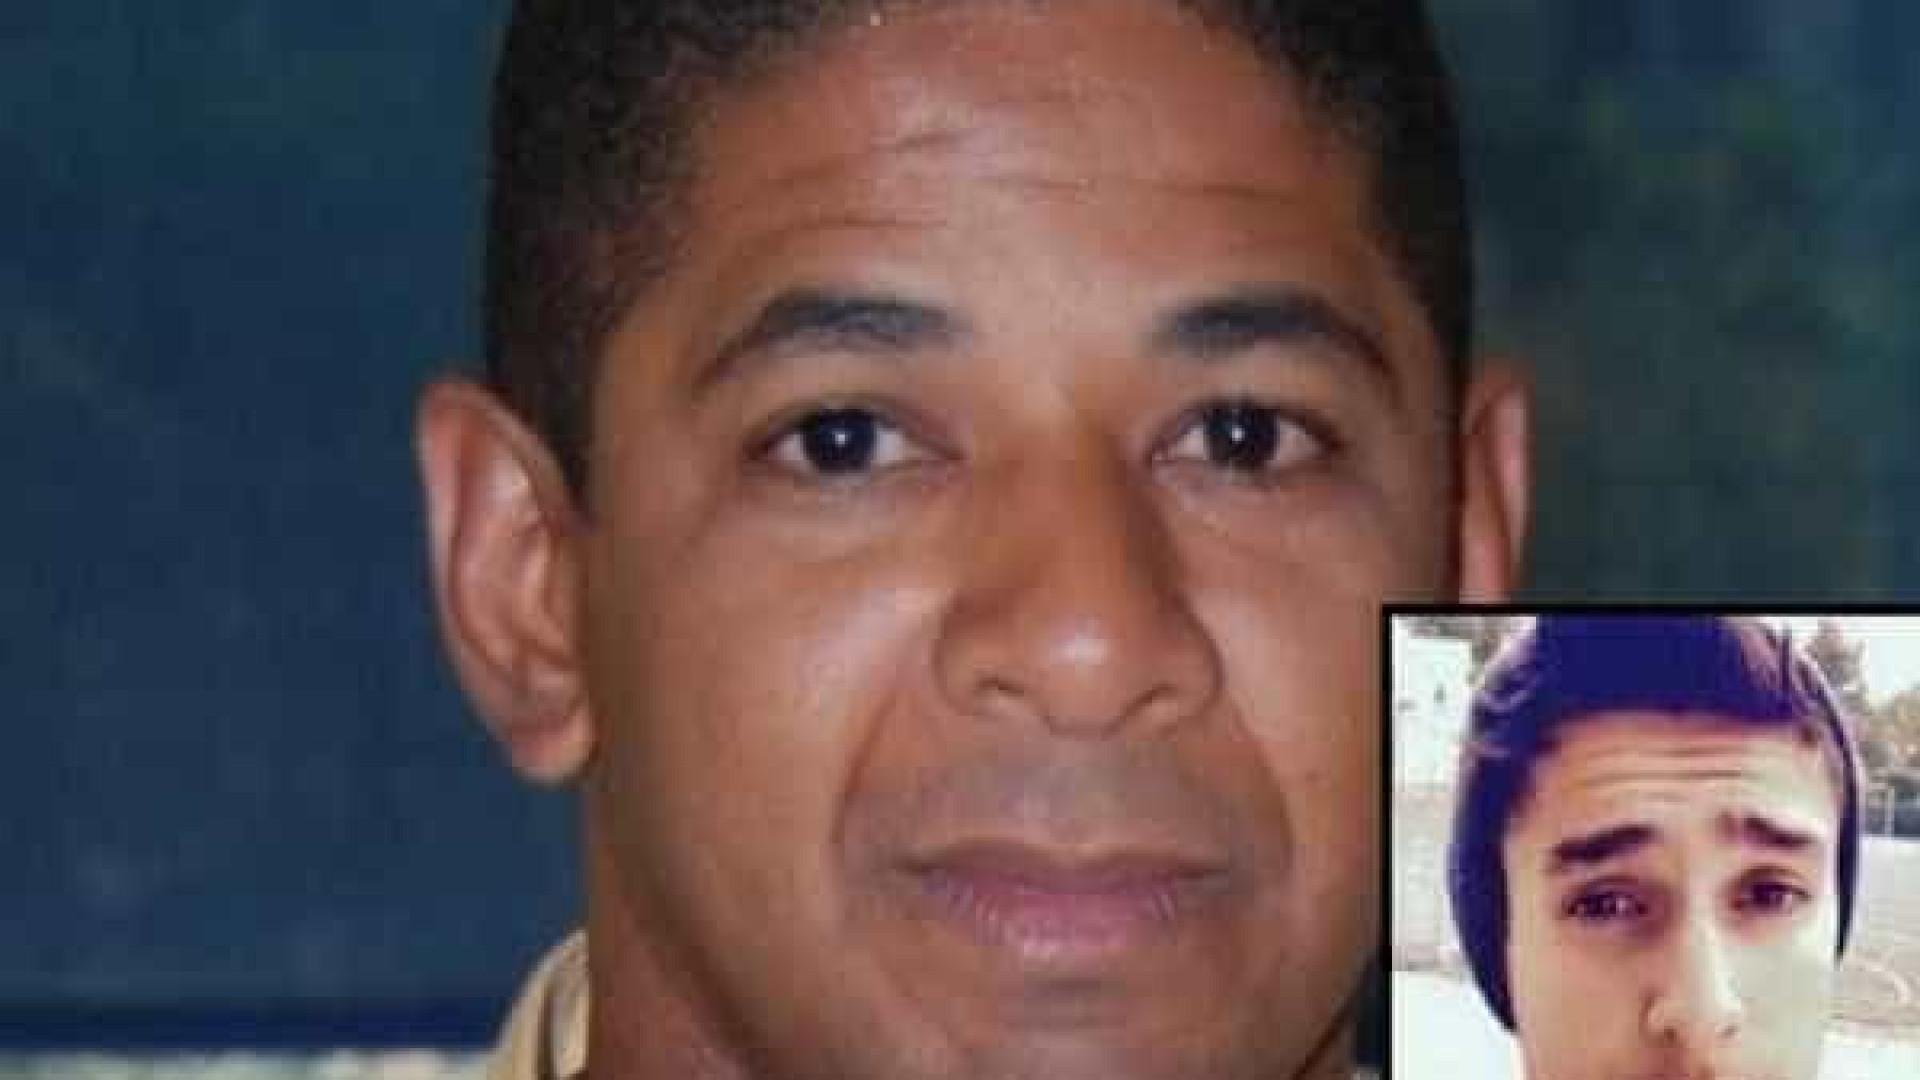 Ministério Público conclui que padrasto terá matado Rodrigo Lapa